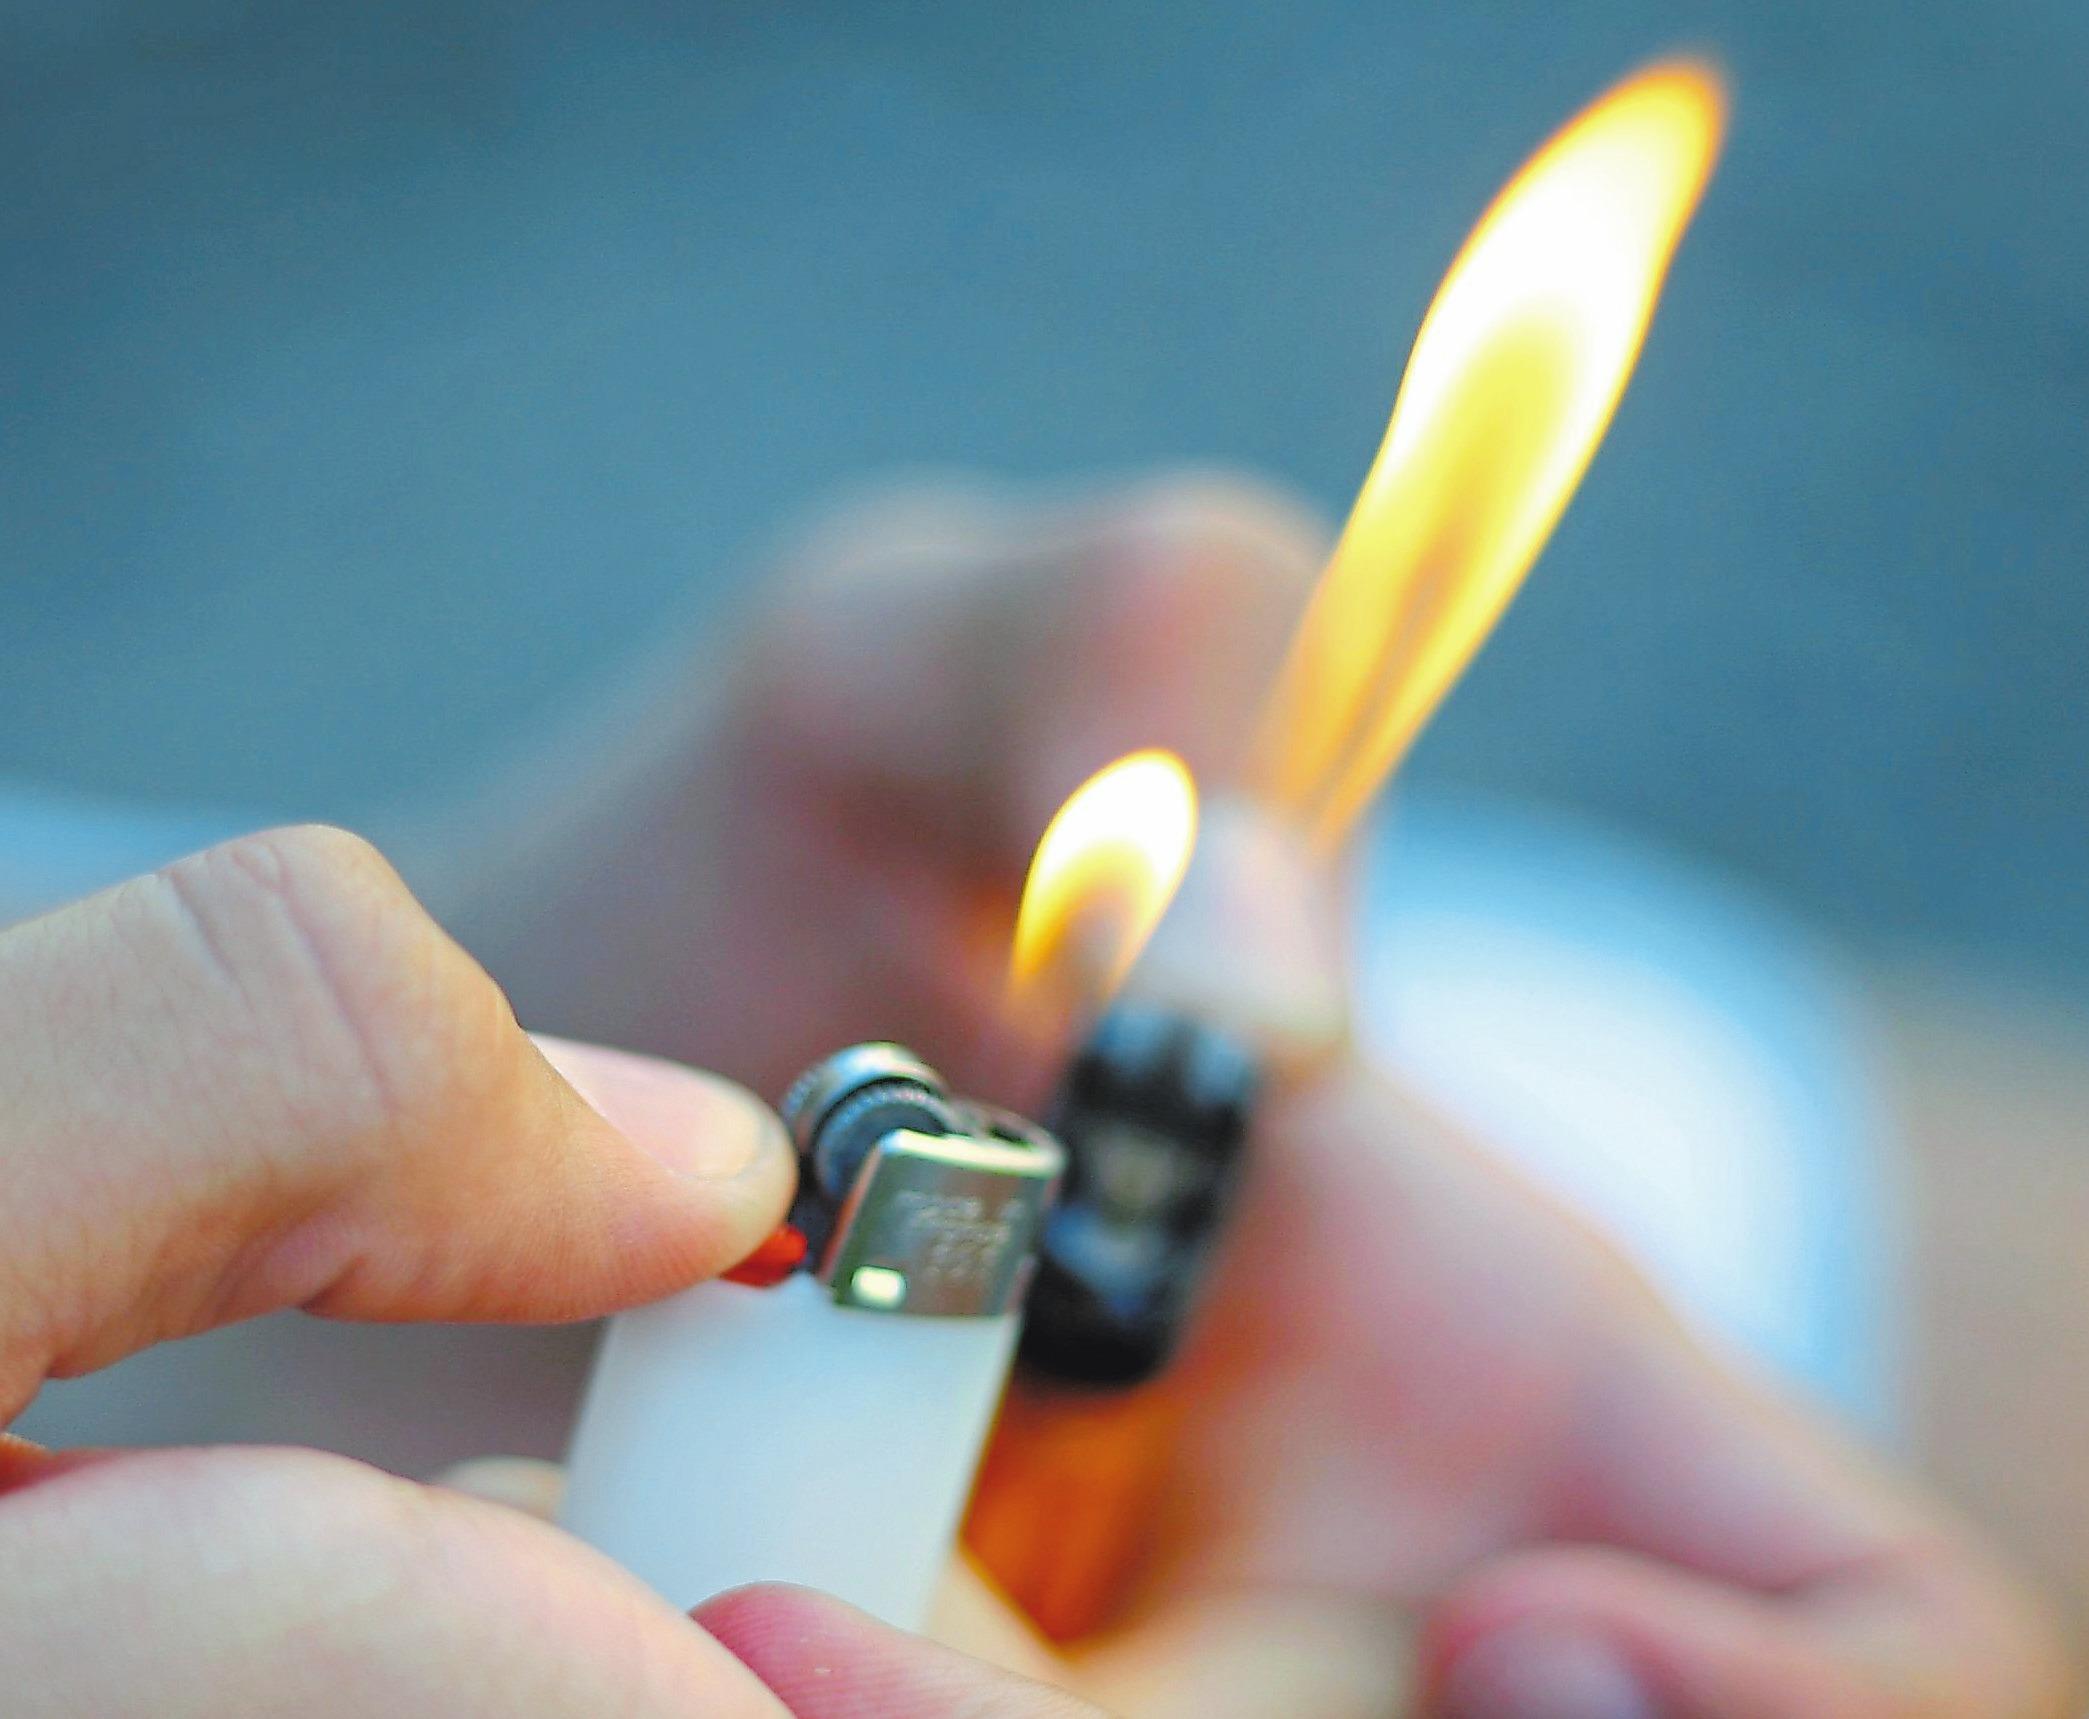 Mit Hilfe eines Feuerzeugs und eines einfachen Tests lässt sich herausfinden, ob die Fenster gut gedämmt sind. Foto: dpa